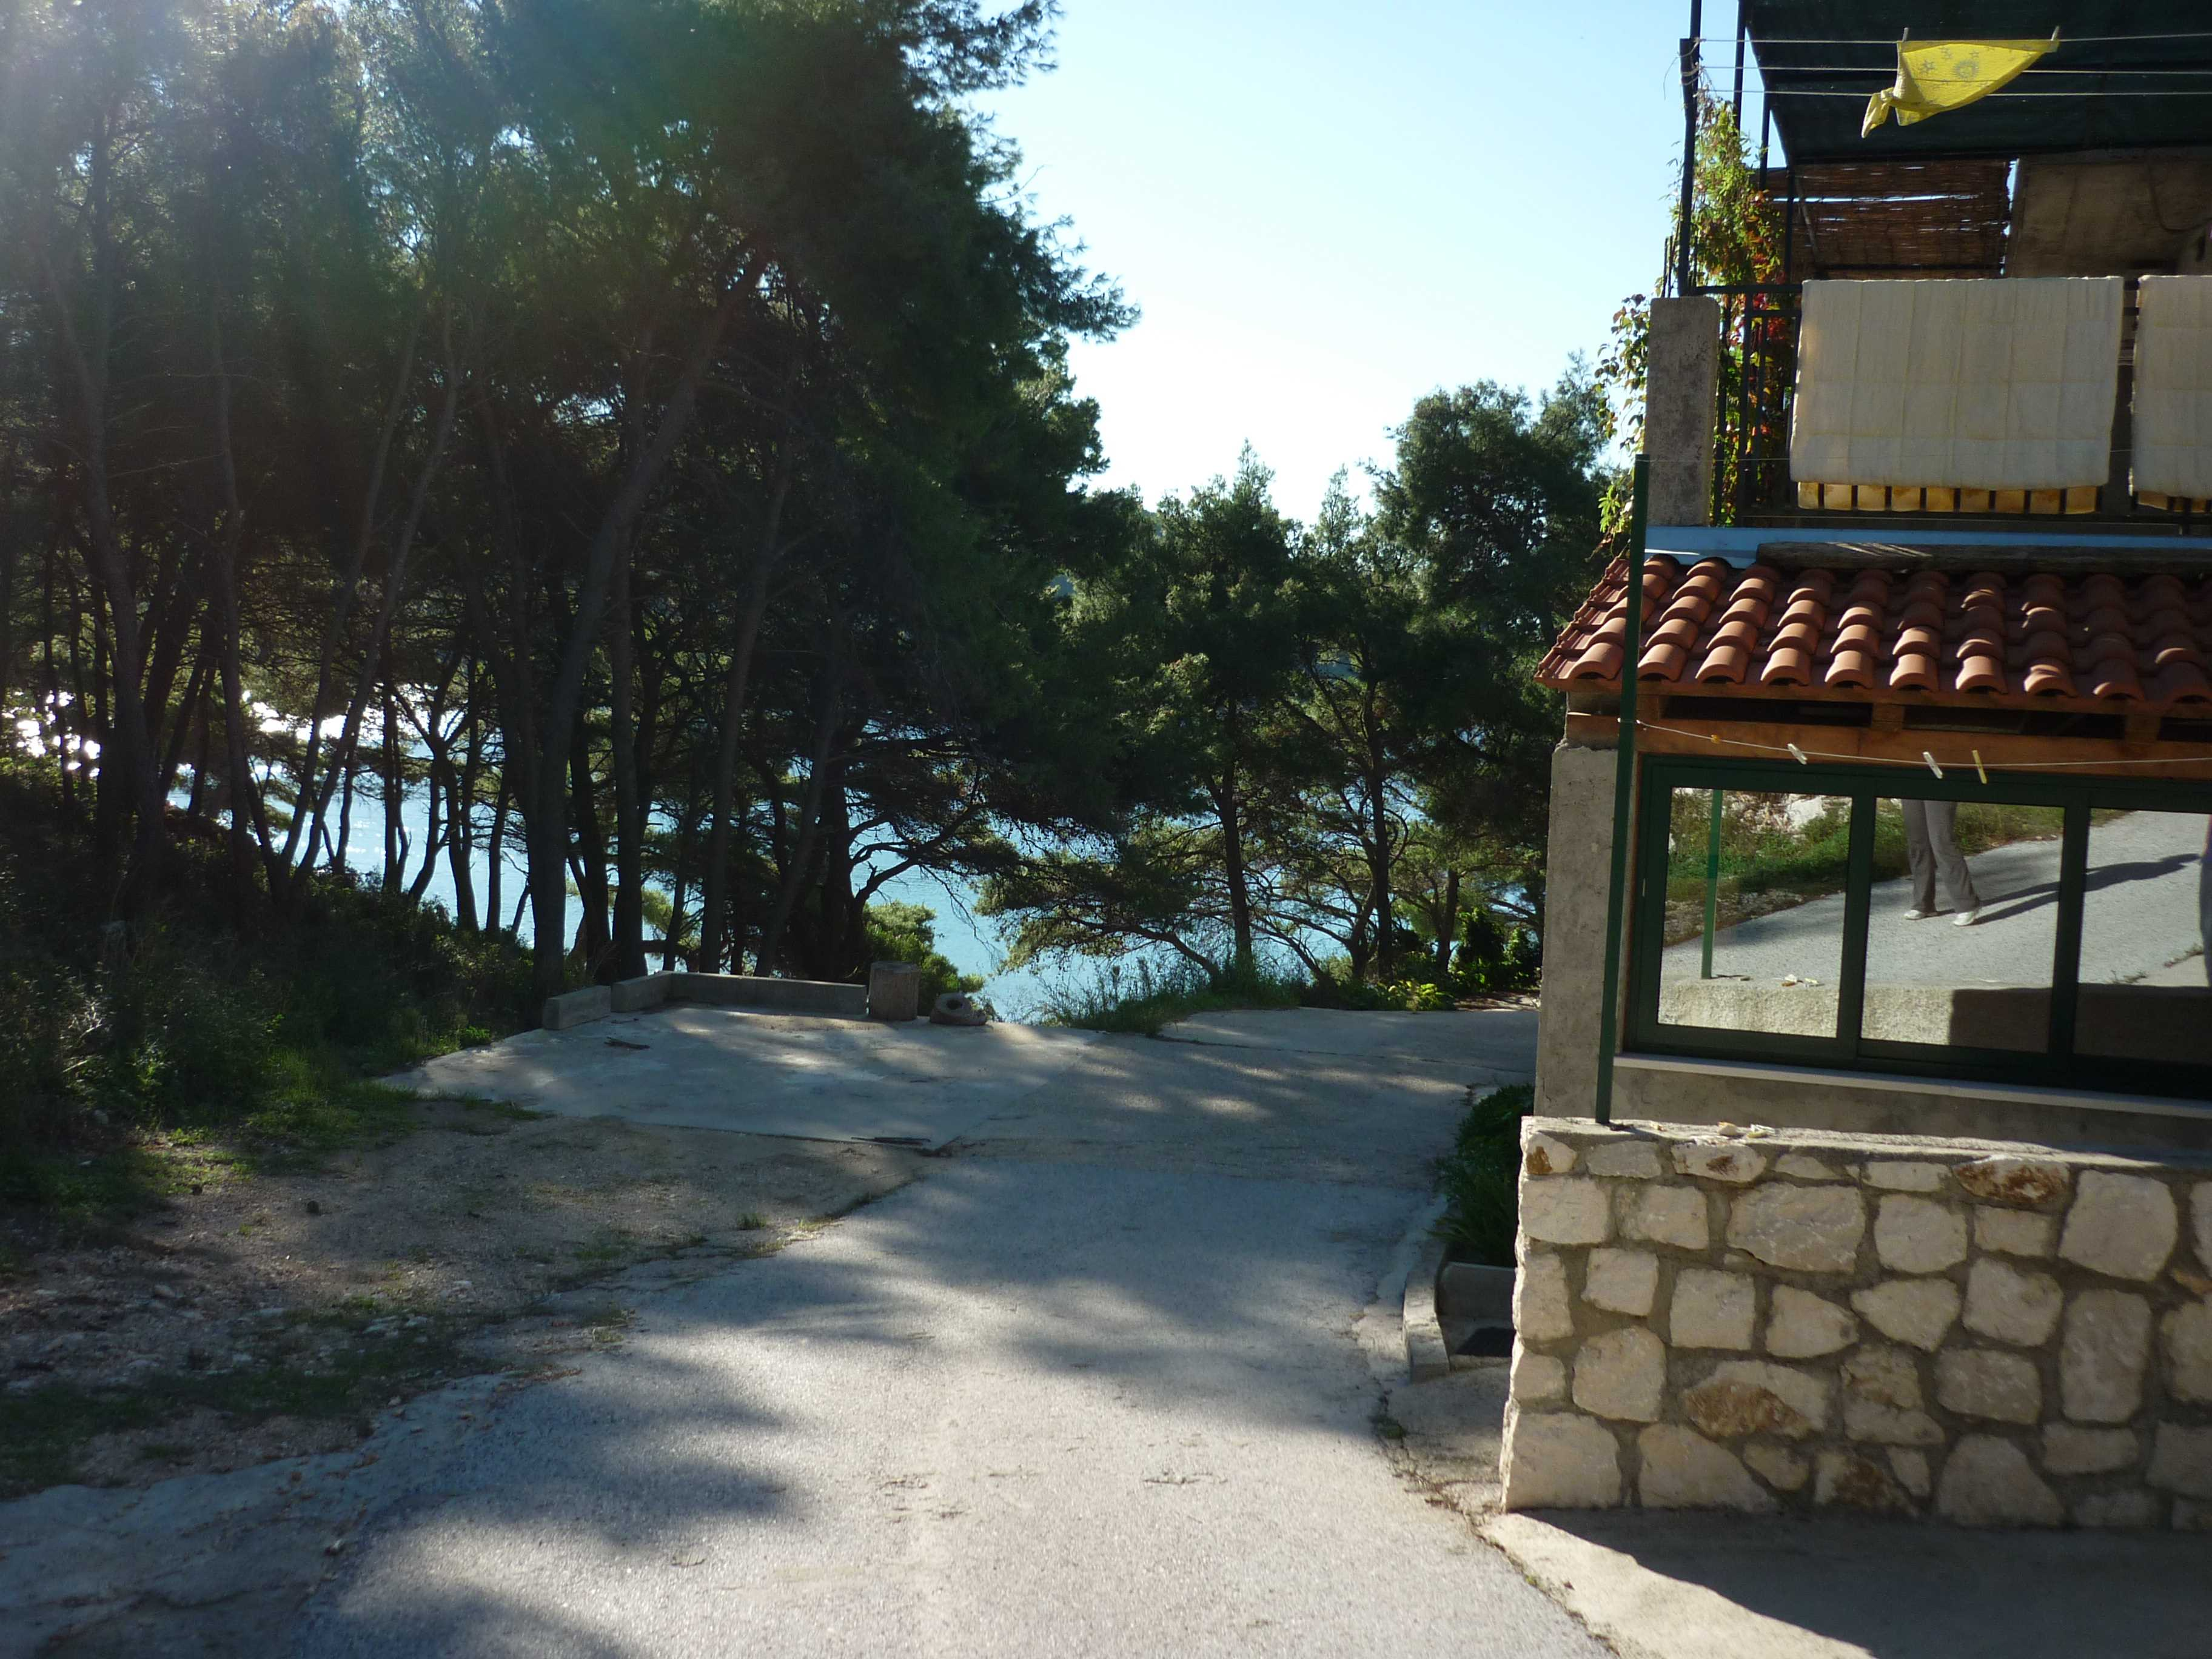 Studio AD Saplunara Pitarević 37525, Saplunara, Mljet, Dubrovnik Region